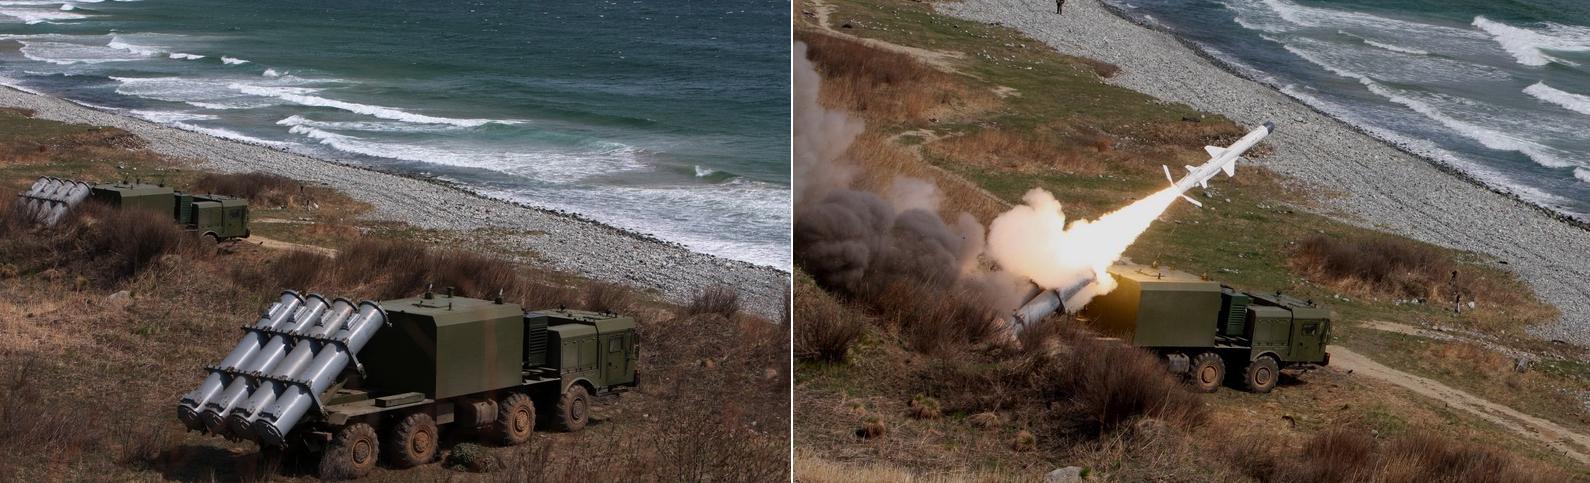 Rússia instala mísseis para proteção da costa nas ilhas Curilas